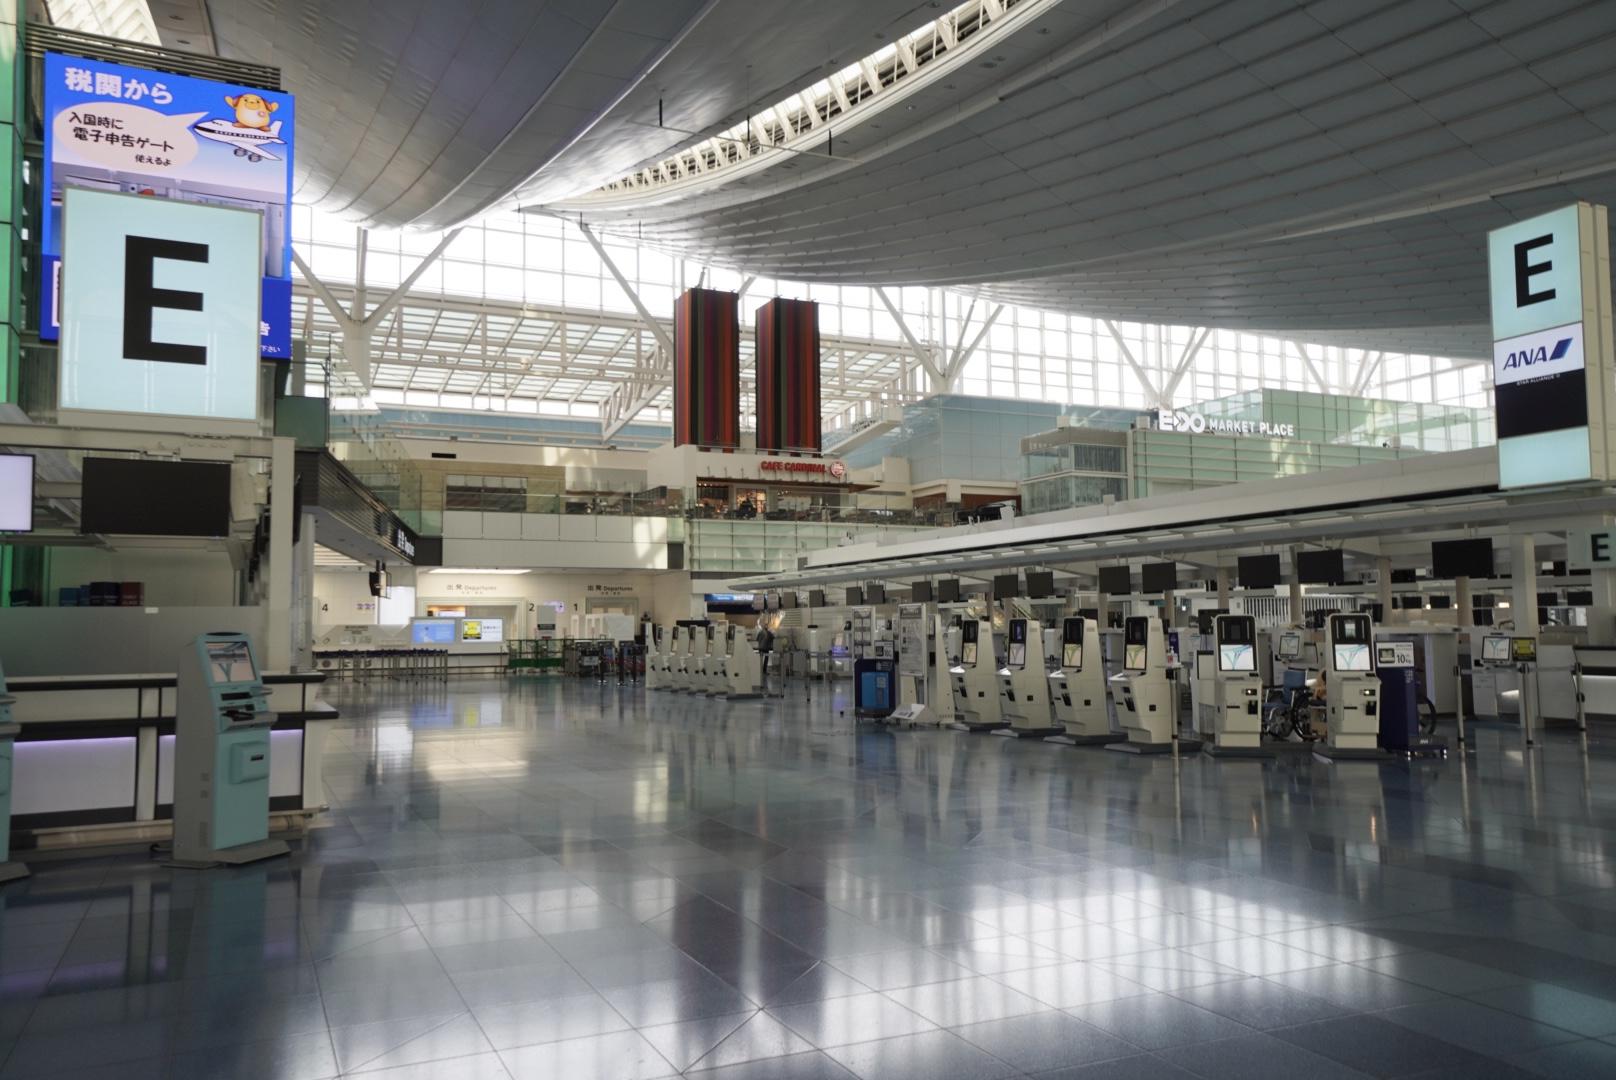 コロナ禍の羽田空港国際線ターミナル